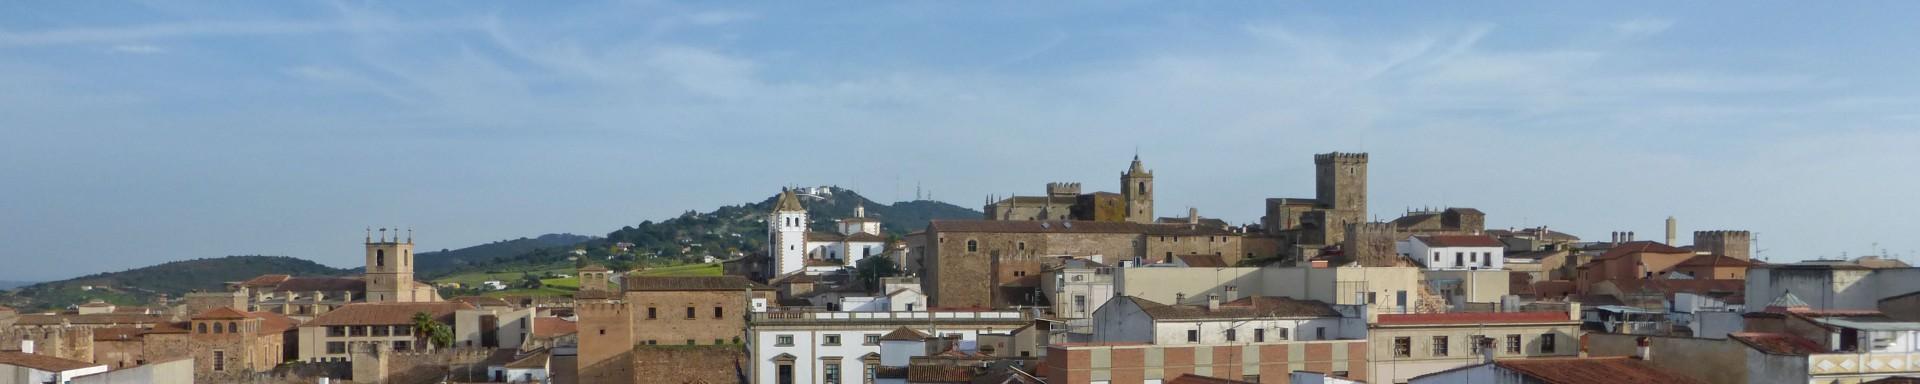 Guía turística con toda la información necesaria para visitar Cáceres